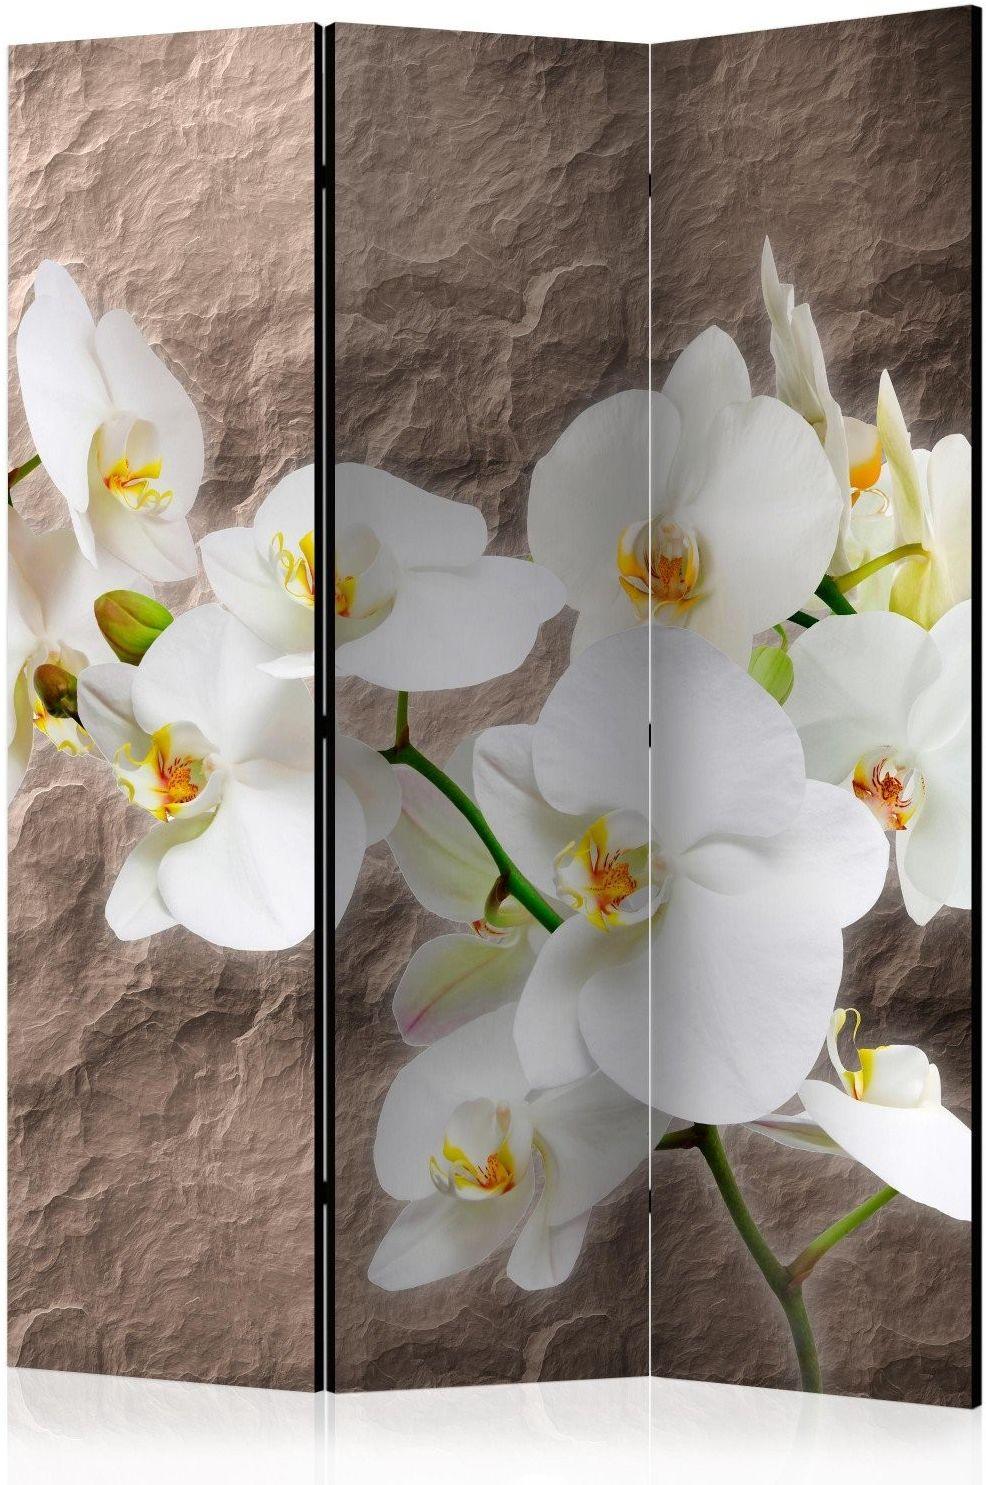 Parawan 3-częściowy - nieskazitelność orchidei [room dividers]